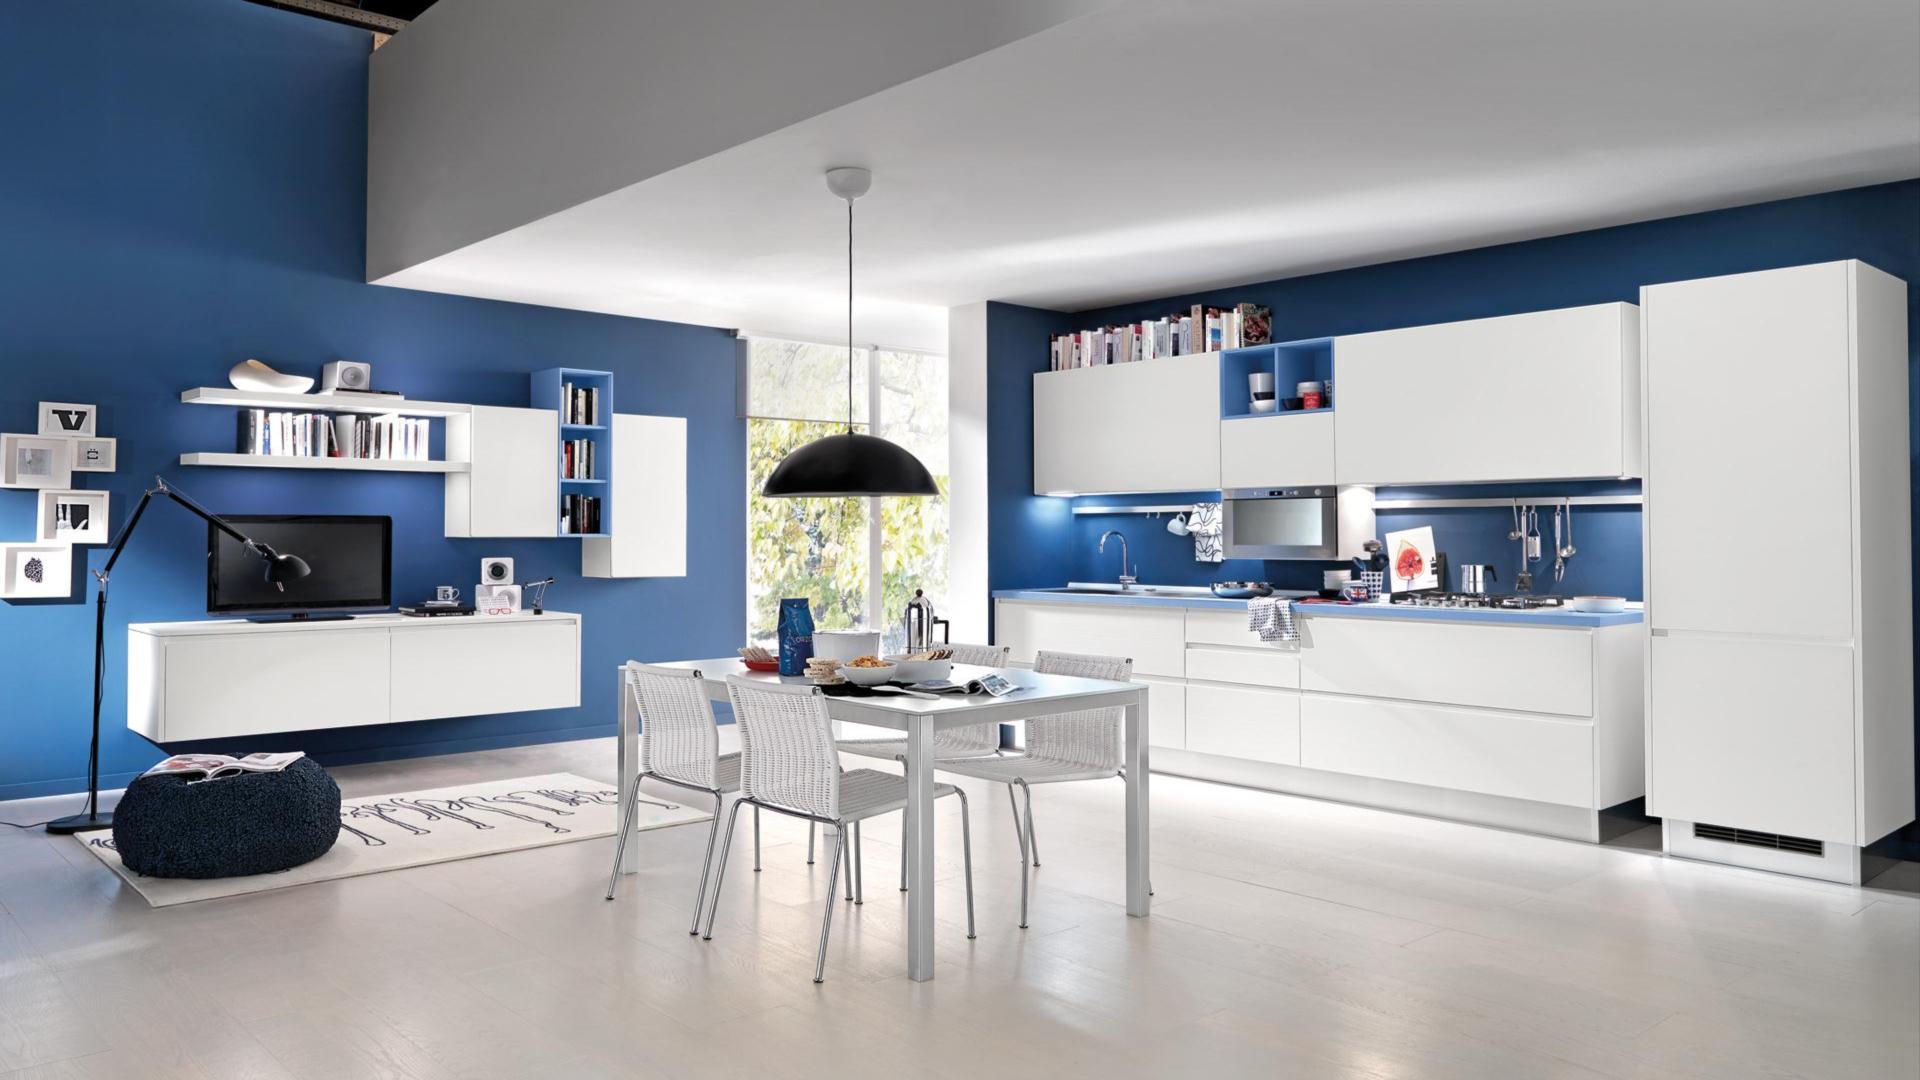 Awesome Soggiorni Moderni Lube Pictures - Design Trends 2017 ...